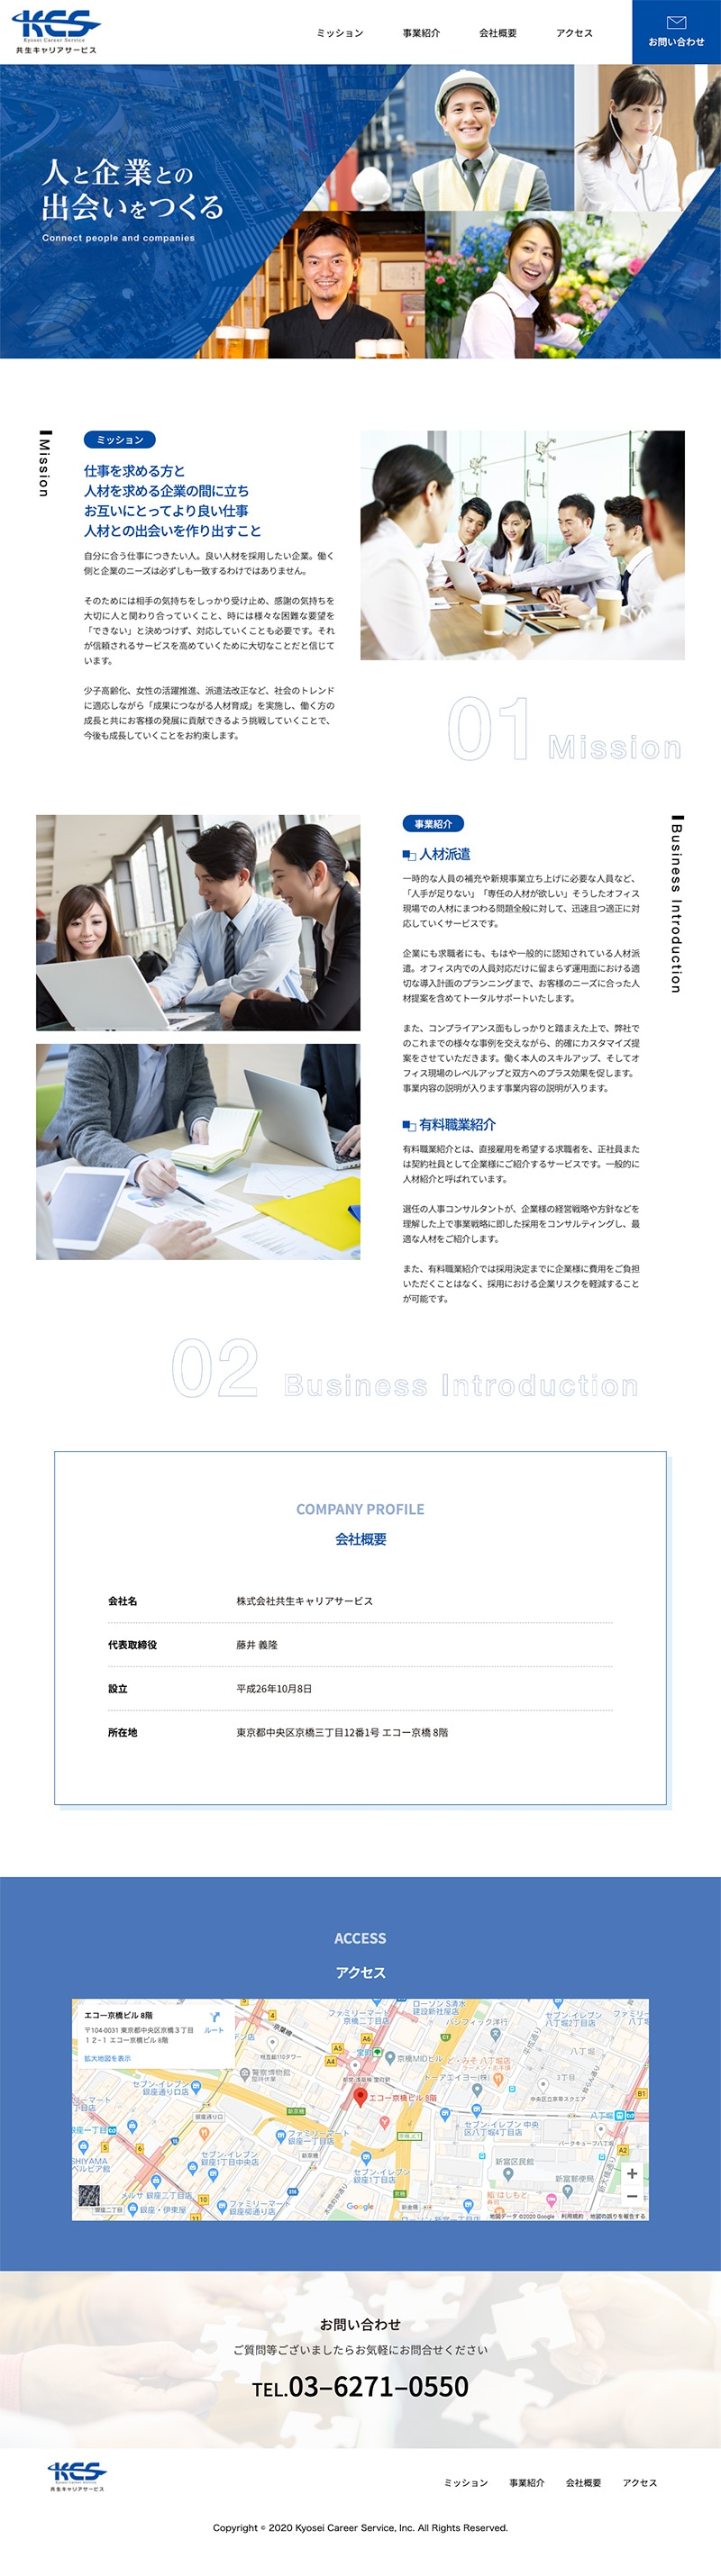 株式会社共生キャリアサービス様・Webサイト